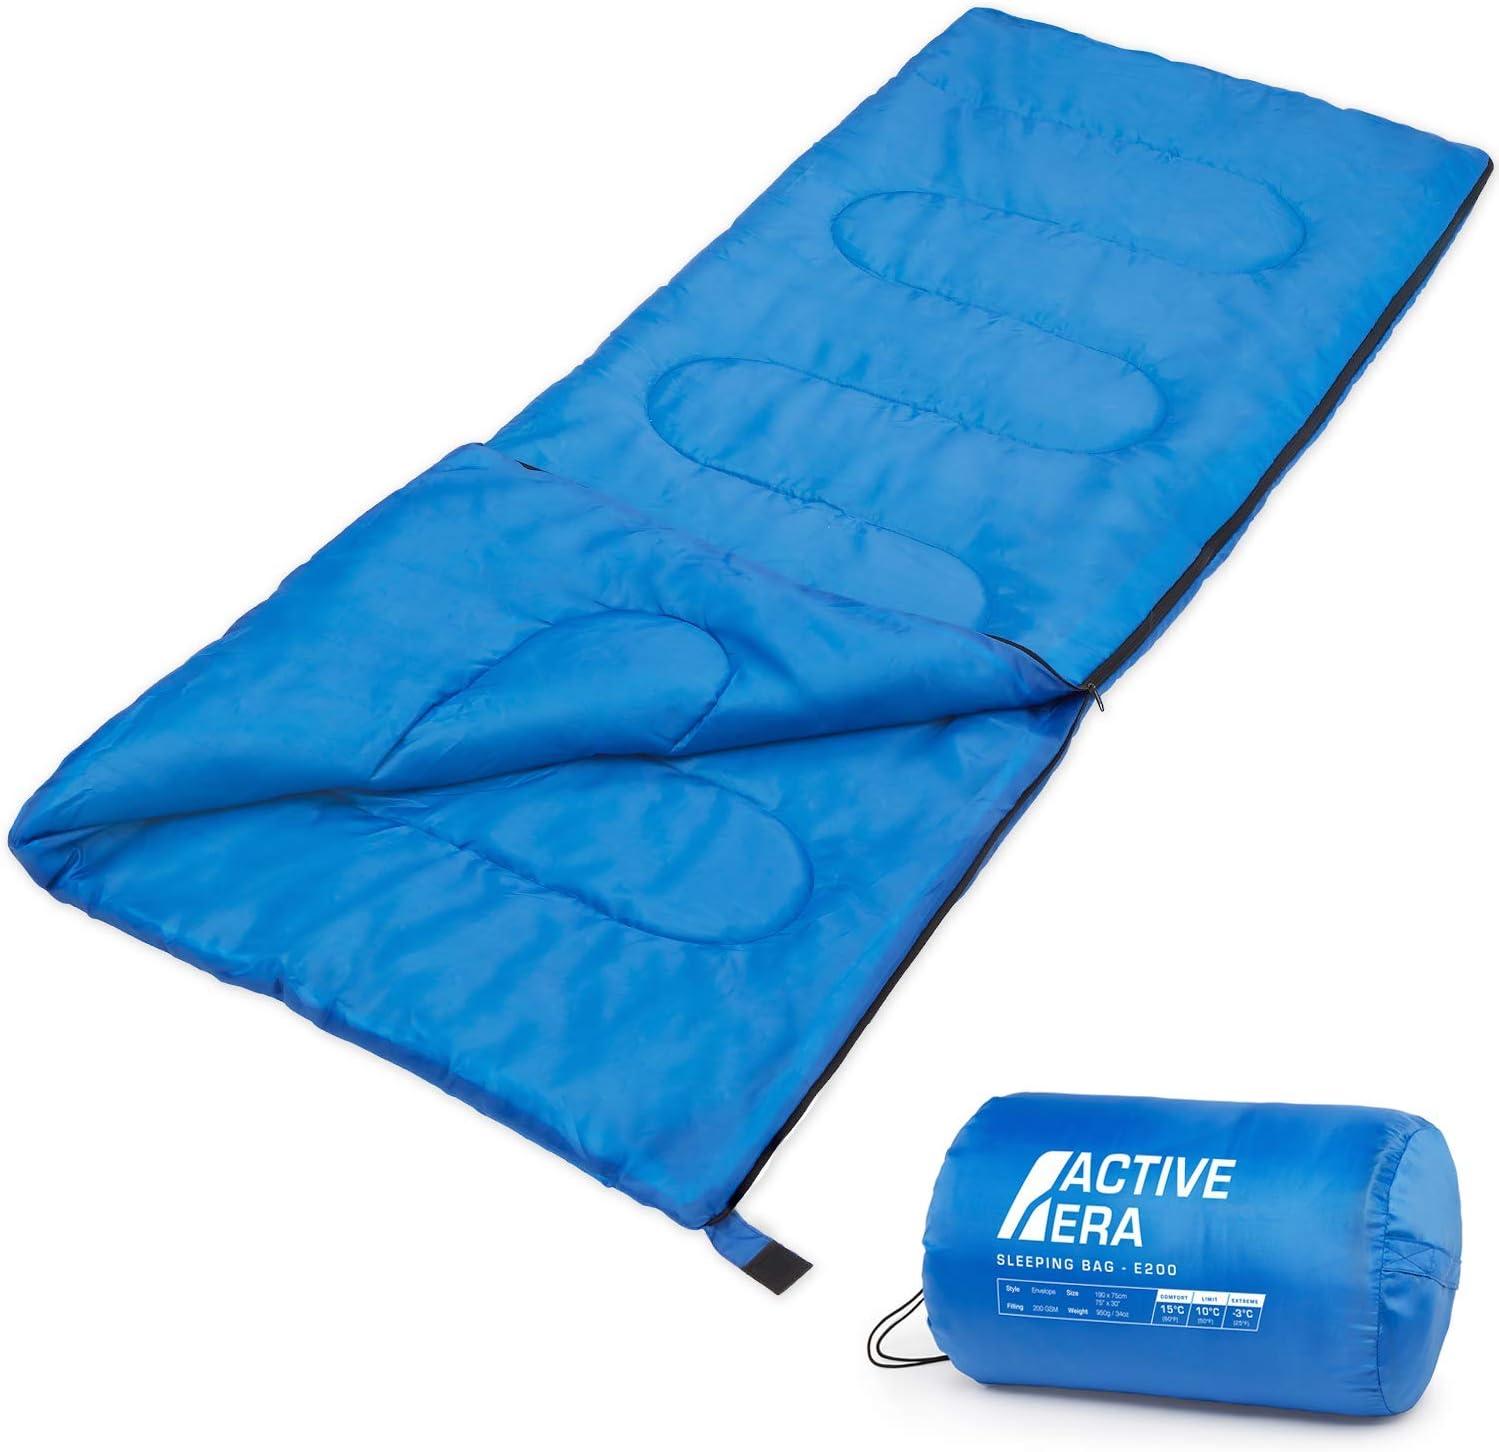 Active Era Saco de Dormir Premium 200, de Forma Rectangular, Extremadamente Ligero: Amazon.es: Deportes y aire libre